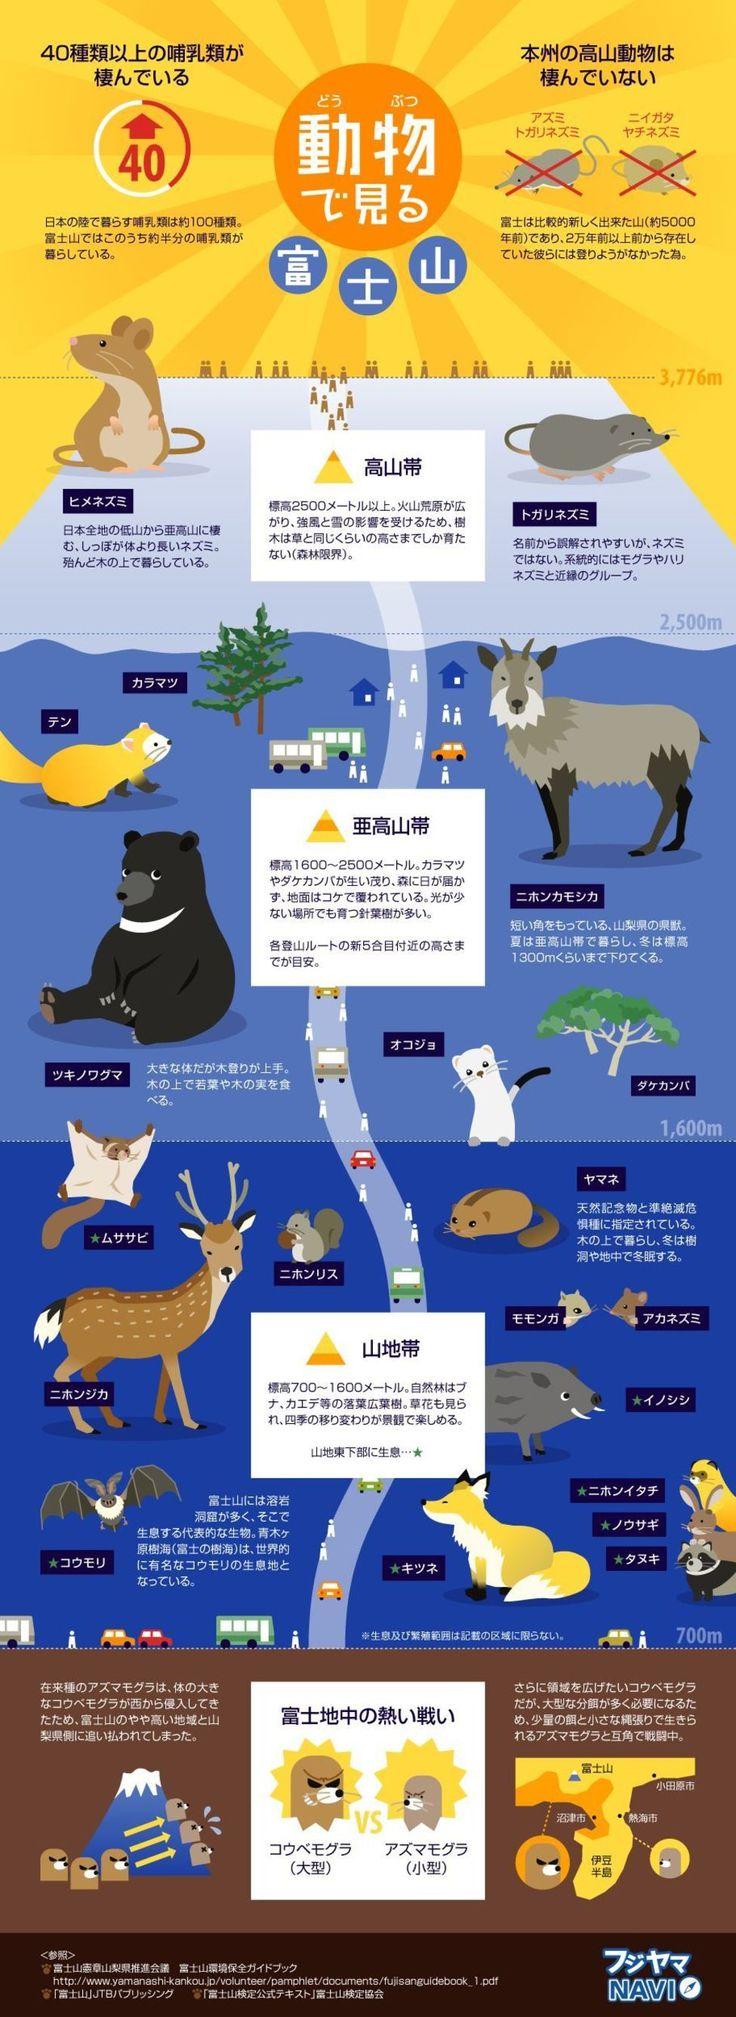 雄大な自然が手つかずの状態で残る富士山には、日本の陸で暮らす哺乳類100種類のうち約半分の40種類が棲んでいます。樹海が広がる標高700~1,600mの山地帯には溶岩洞窟が多く存在し、世界的に有名なコウモリの生息地となっていることや、地中におけるコウベモグラとアズマモグラの戦いなど、人間だけではなく、動物にとってもかけがえないのない存在の富士山。ここでは、そんな動物たちの一部をご紹介します。